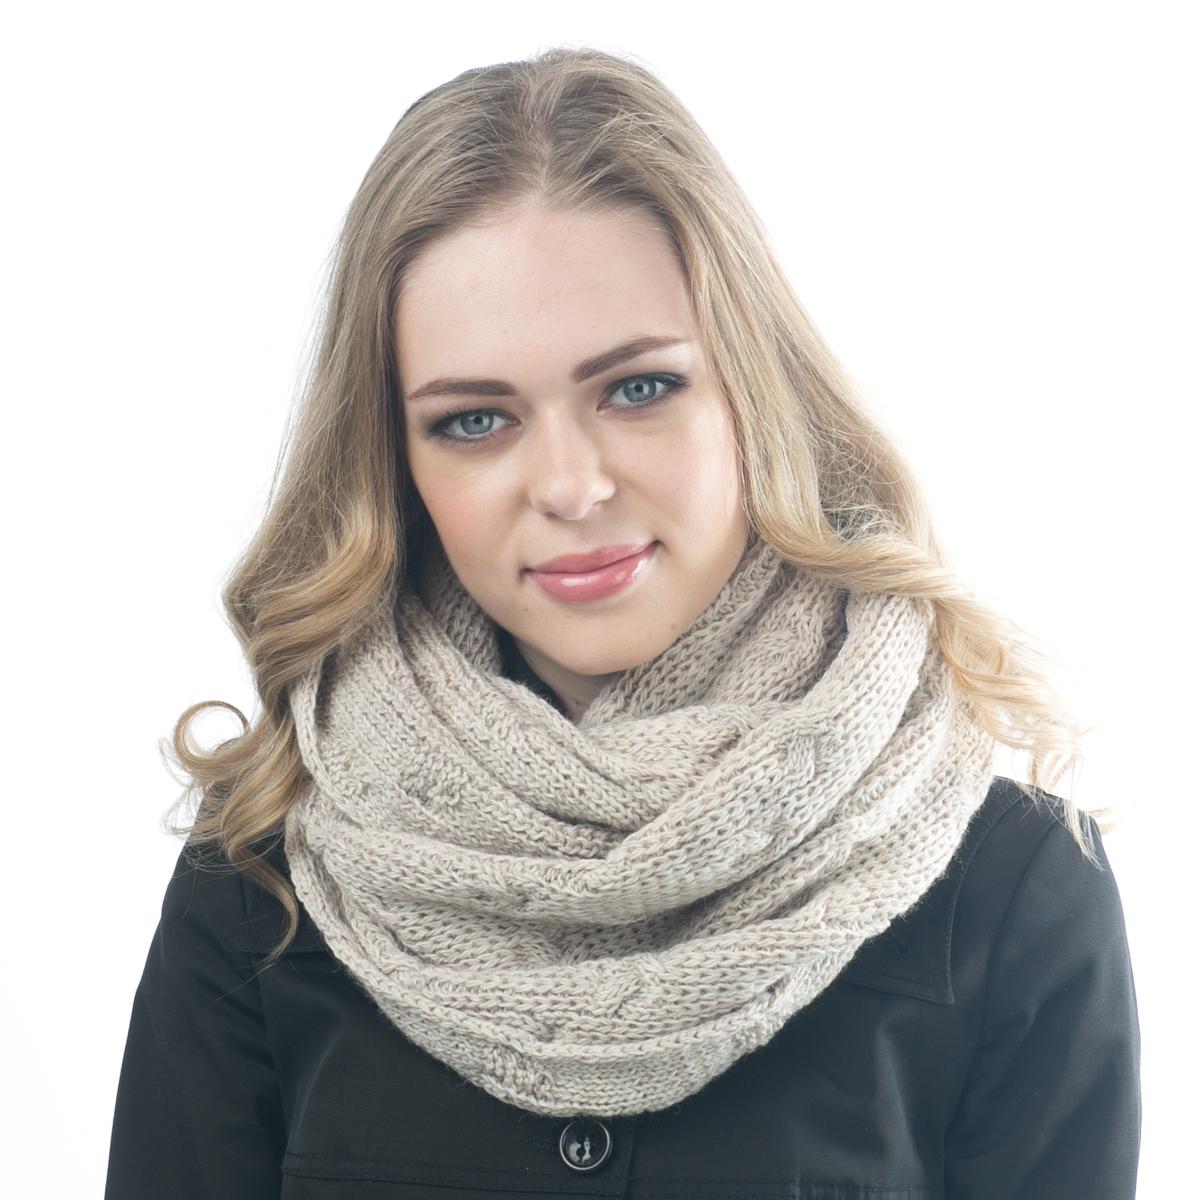 Снуд-хомут женский. 03FJ03FJШарф-снуд - самый модный аксессуар этого сезона. Практичный, функциональный, cвязанный из овечьей шерсти и шерсти горной альпаки, носится мягкой восьмеркой, элегантно небрежным кольцом или накидкой на голову.